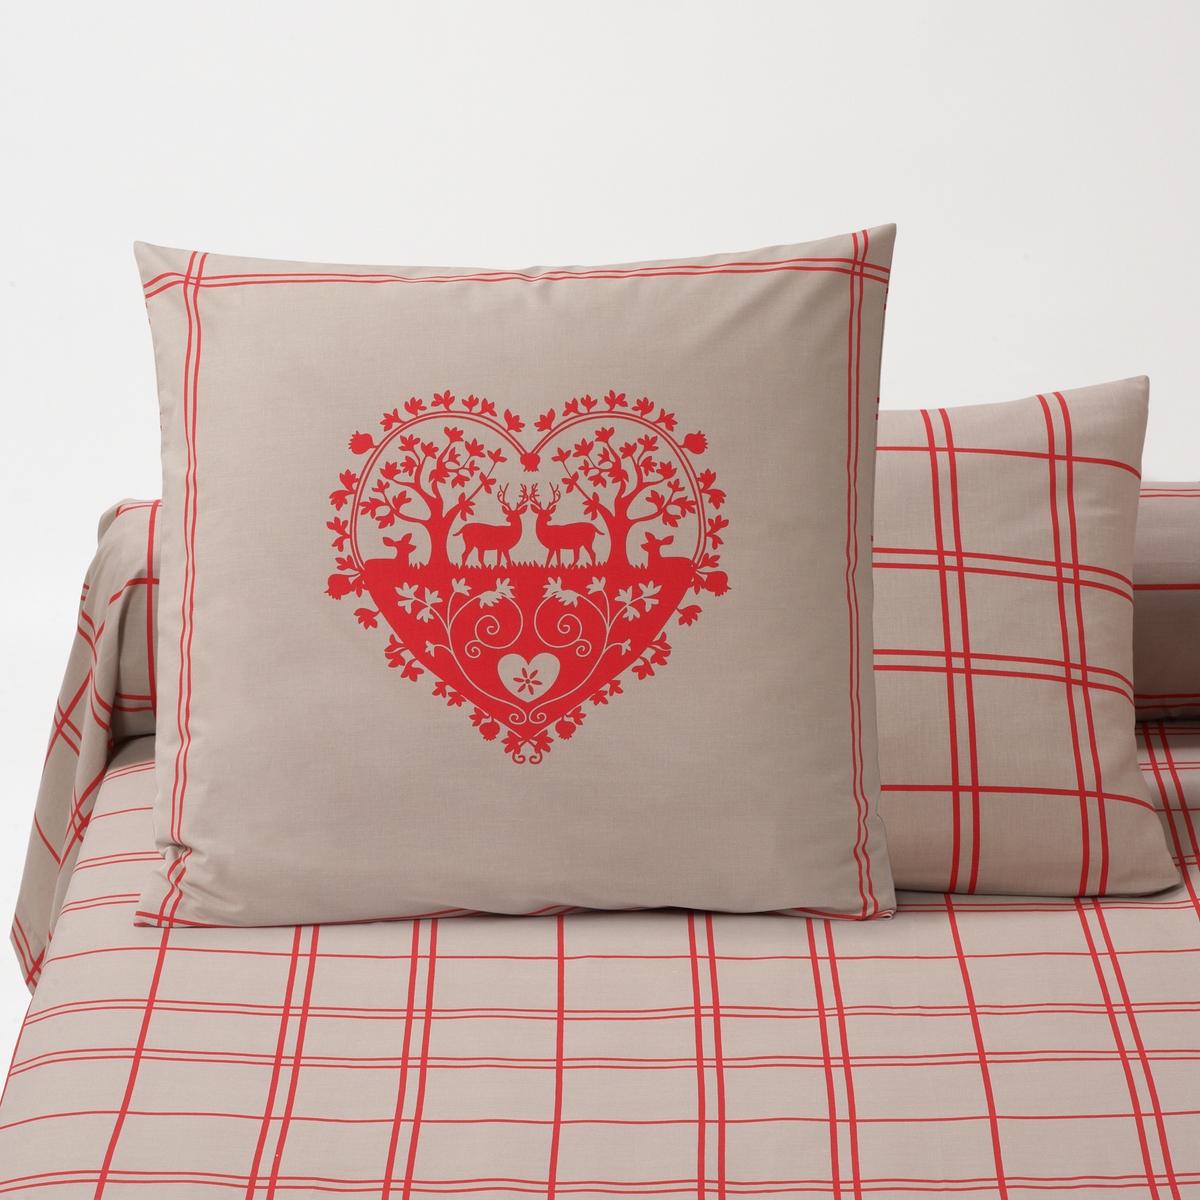 Наволочка La Redoute Или чехол для подушки-валика с рисунком Fallaz 63 x 63 см красный наволочка la redoute из хлопка urban graph 63 x 63 см серый